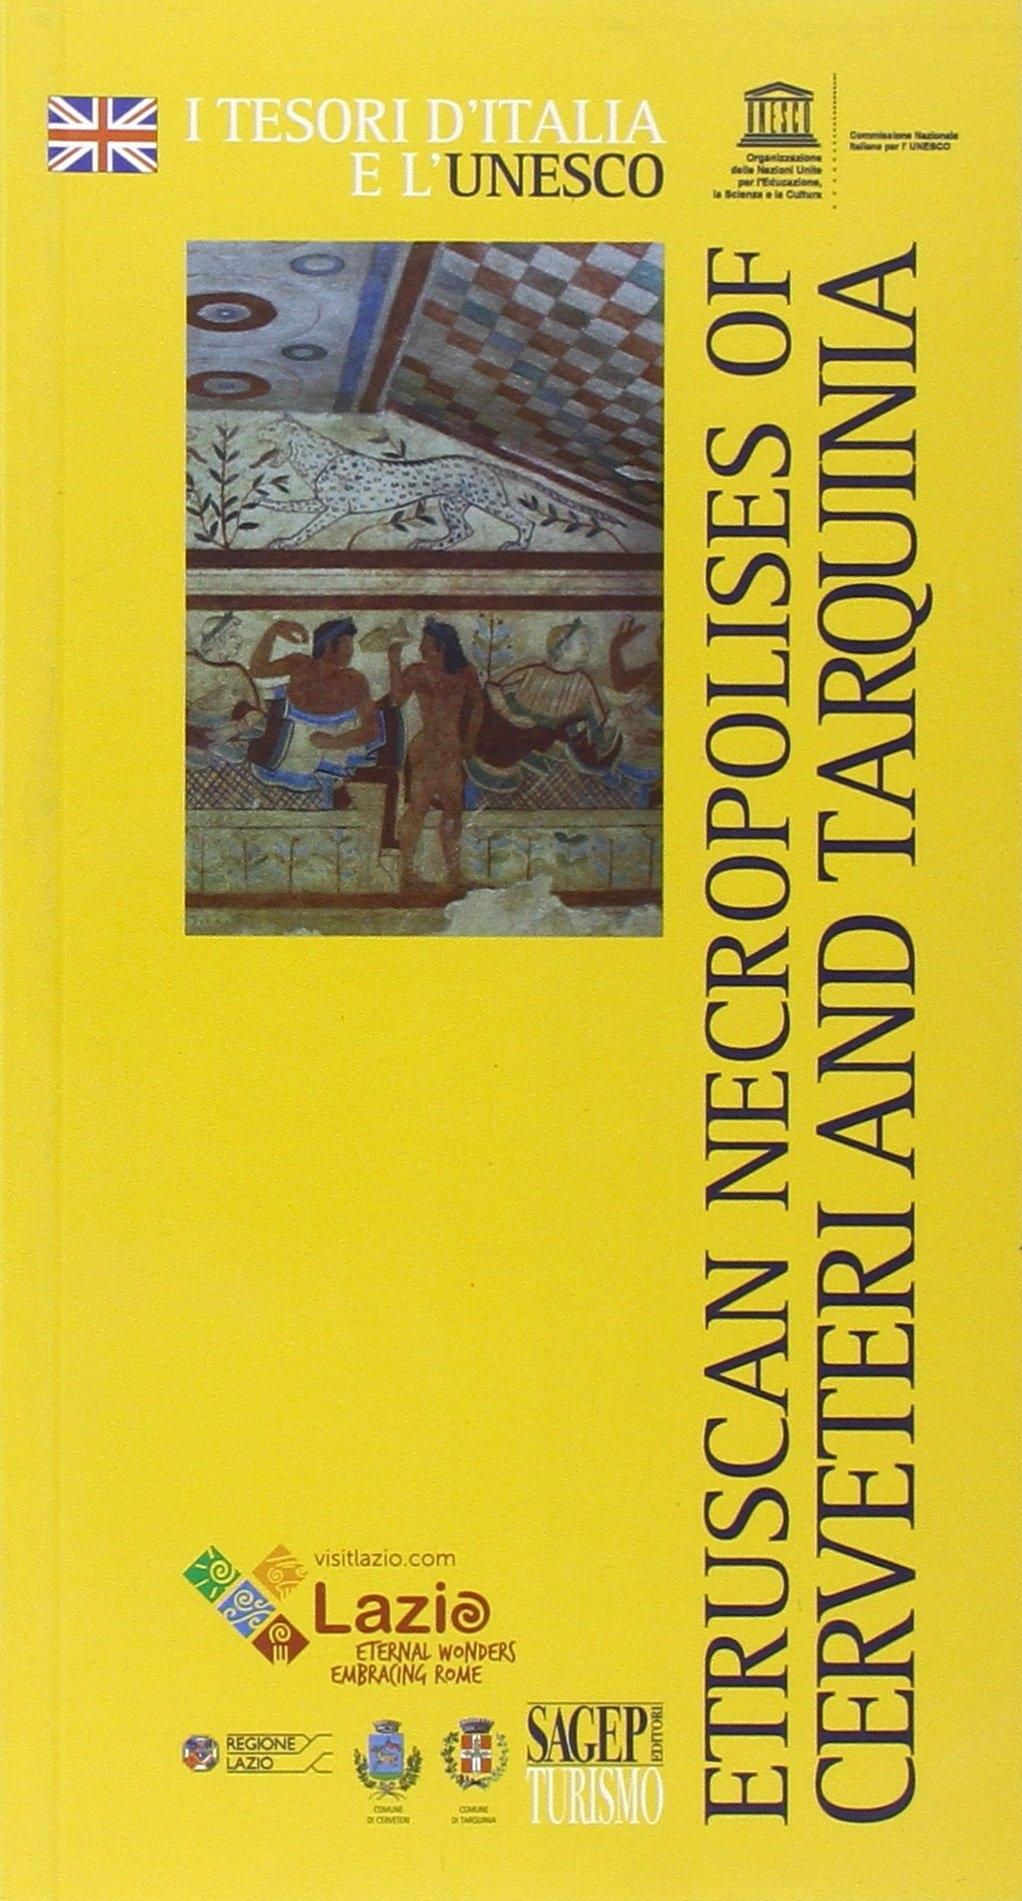 Etruscan necropolises of Cerveteri and Tarquinia.